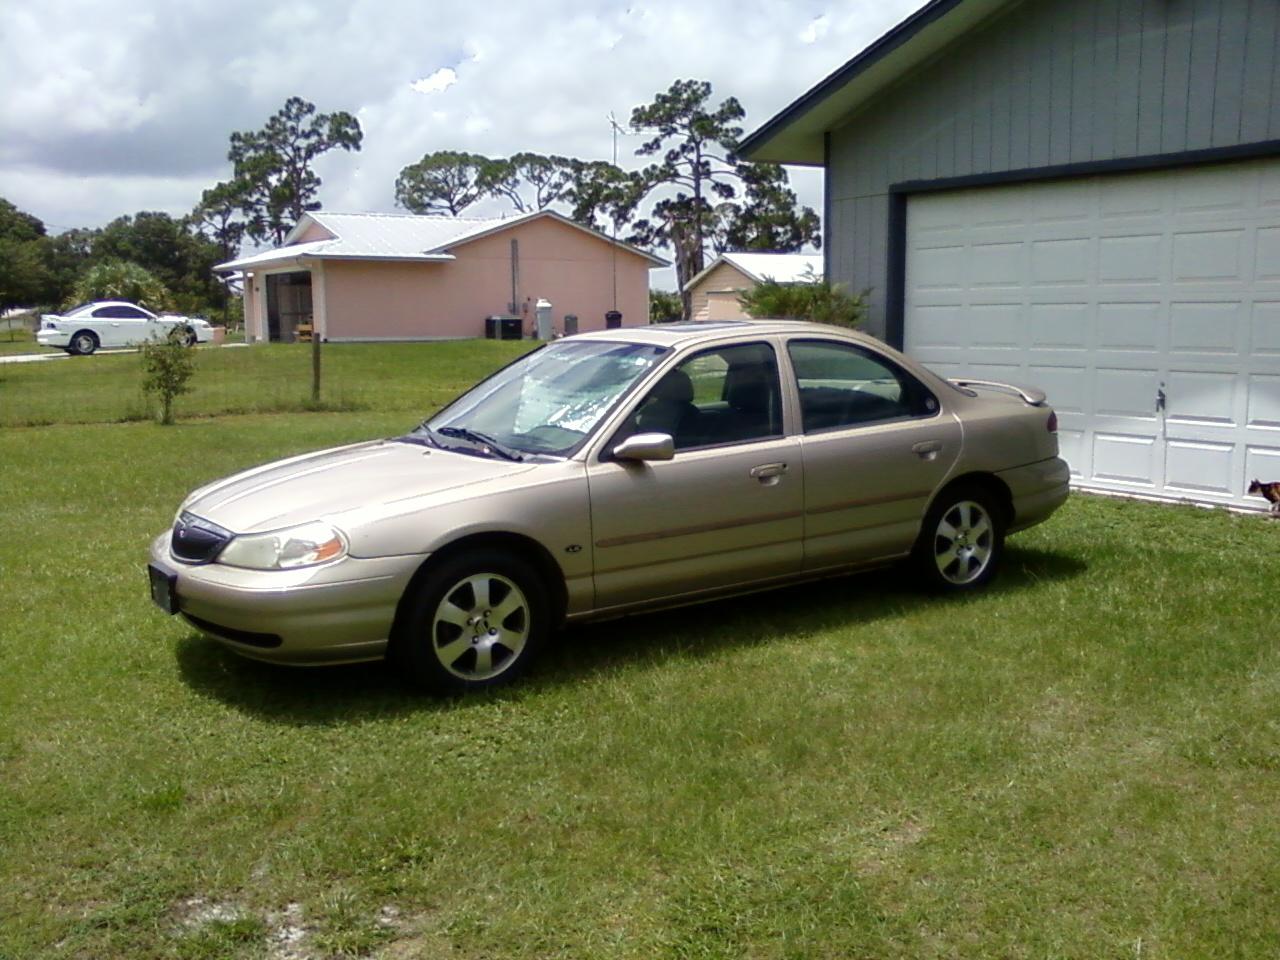 My car 2000 mercury mystique